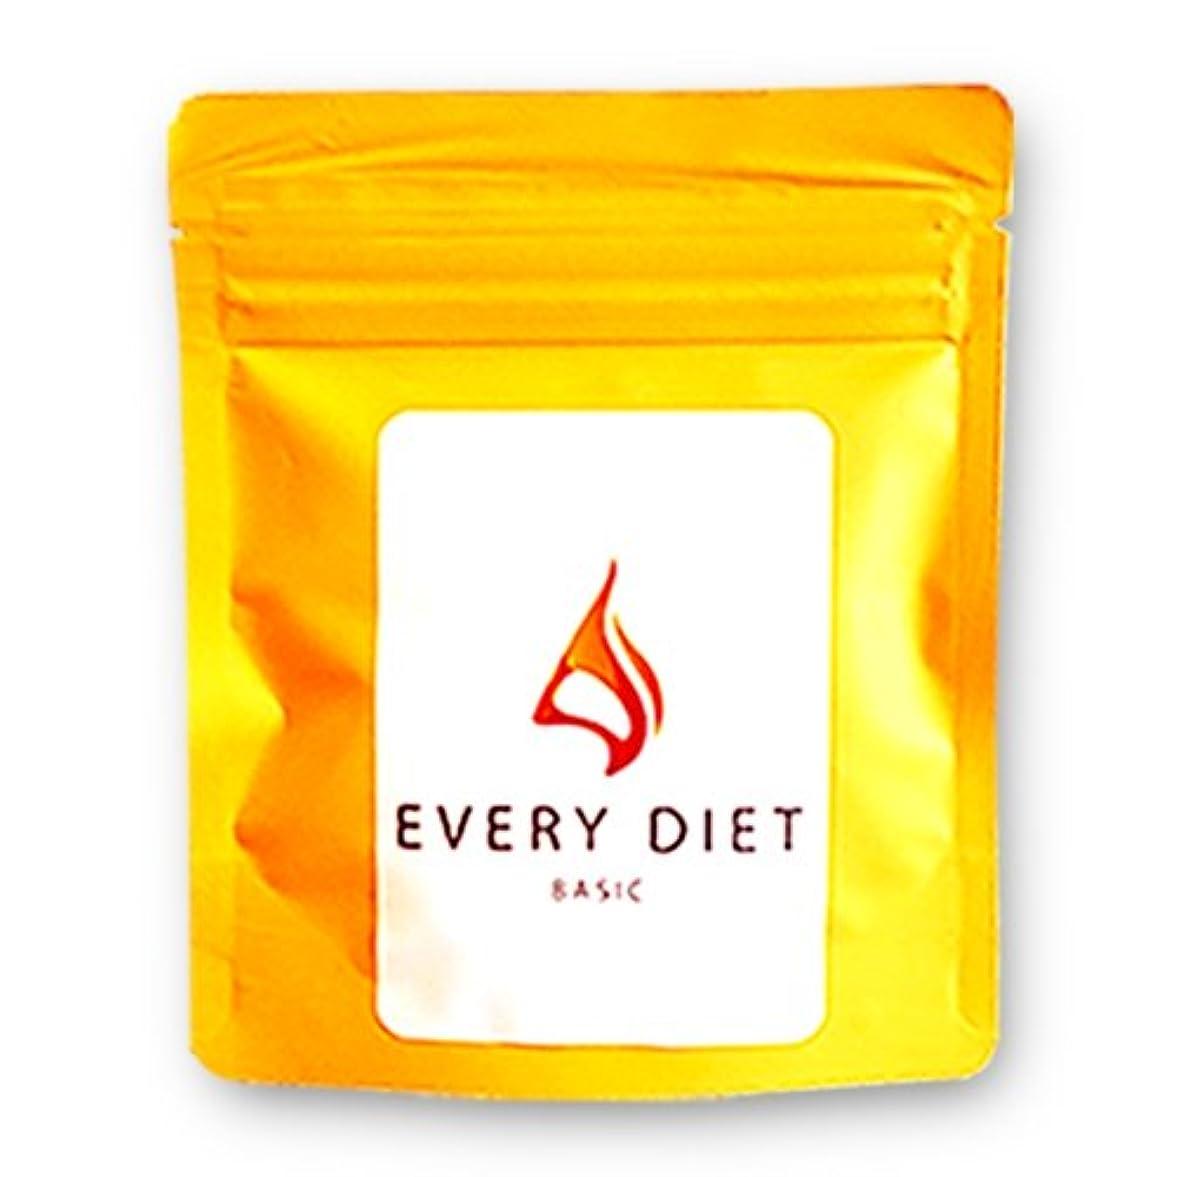 前部とティーム直感エブリダイエット ベーシック (Every Diet Basic)